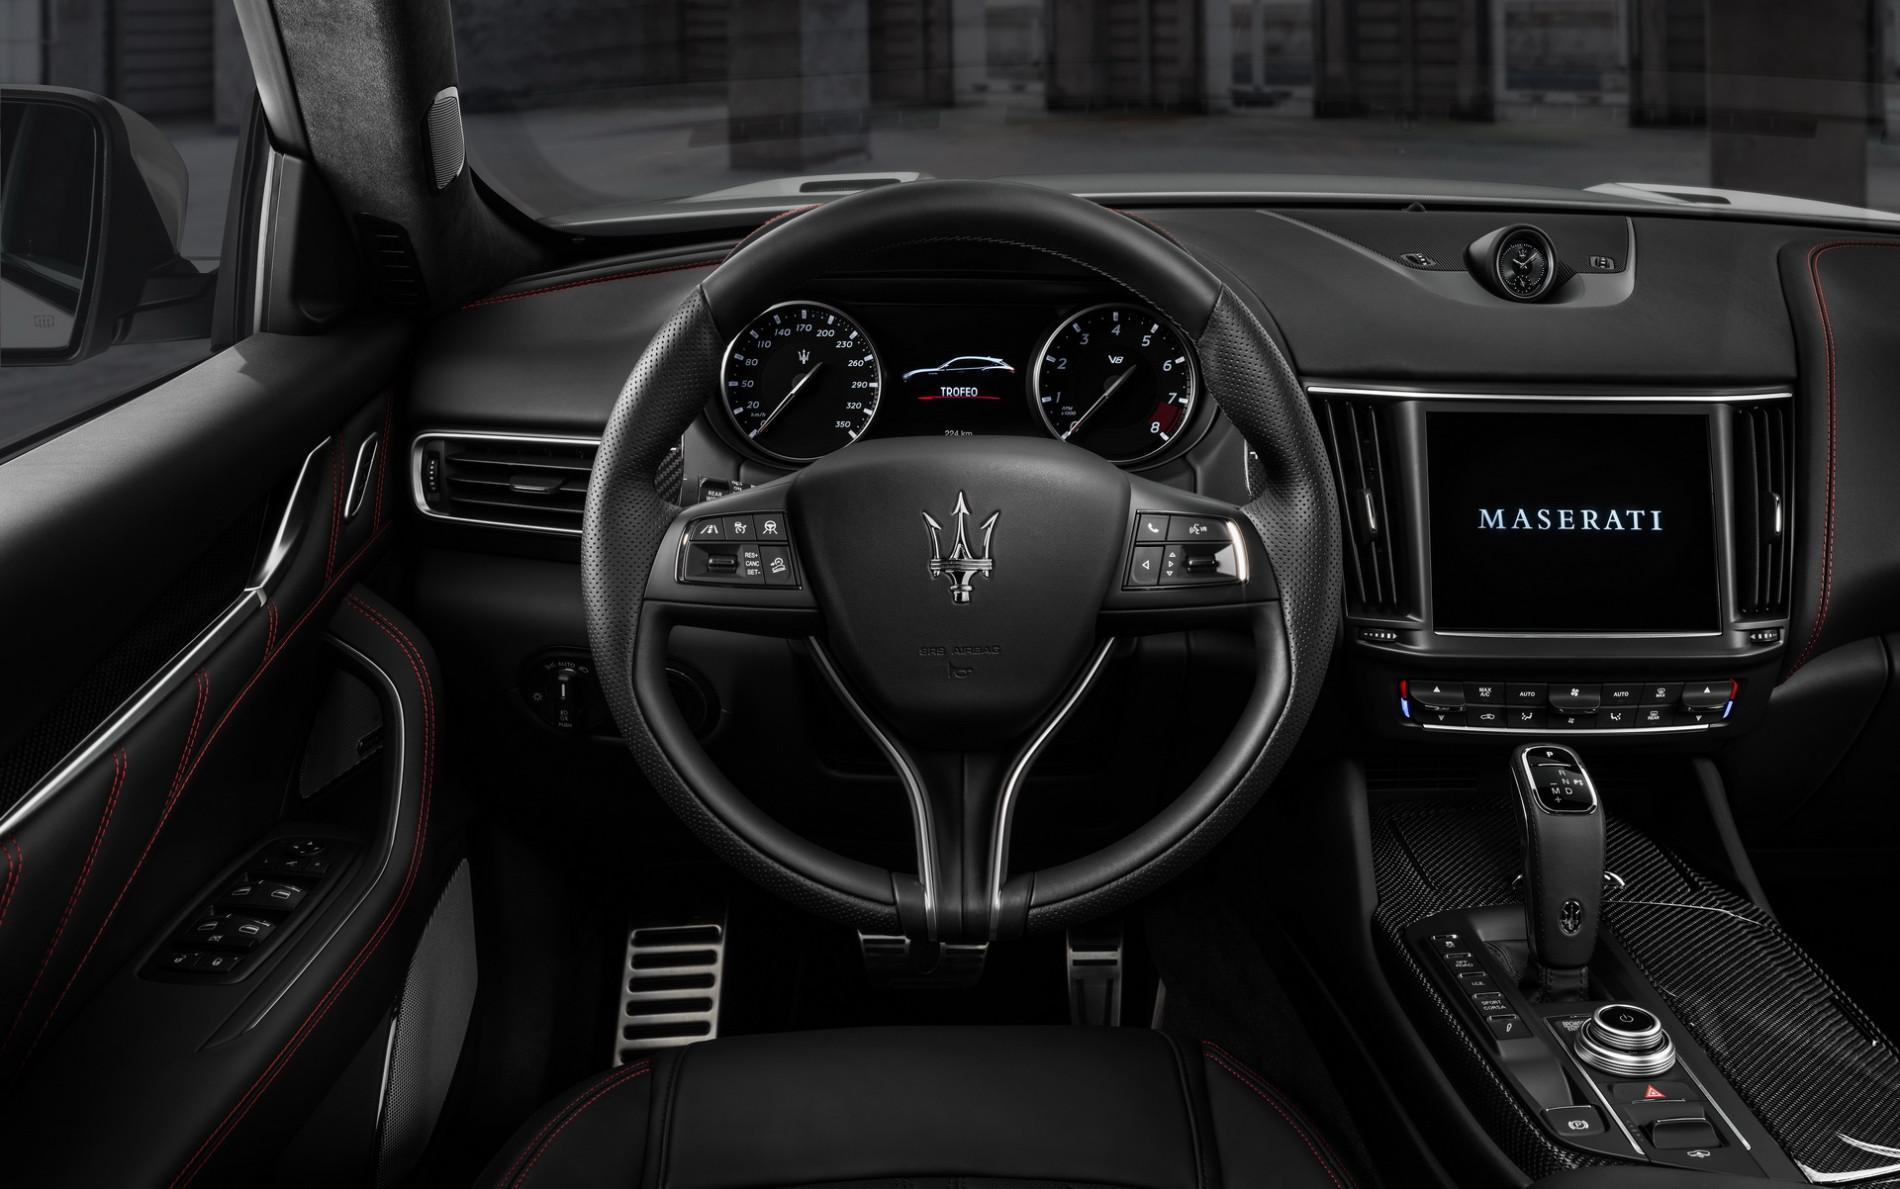 Maserati Ghibli si Quattroporte Trofeo - Maserati Ghibli si Quattroporte Trofeo